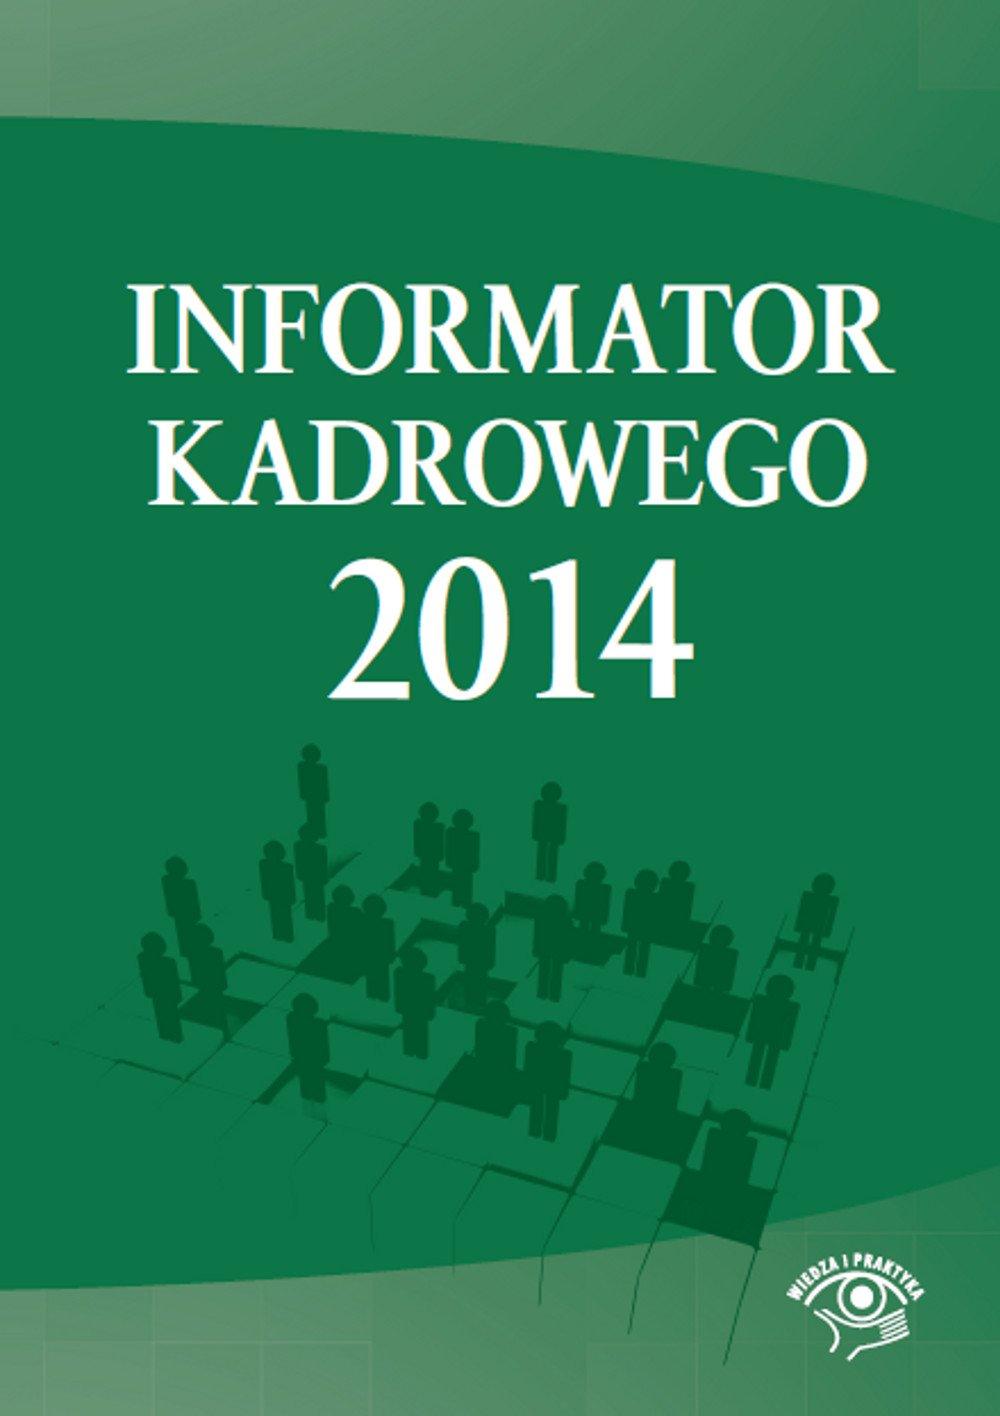 Informator kadrowego 2014 - Ebook (Książka na Kindle) do pobrania w formacie MOBI